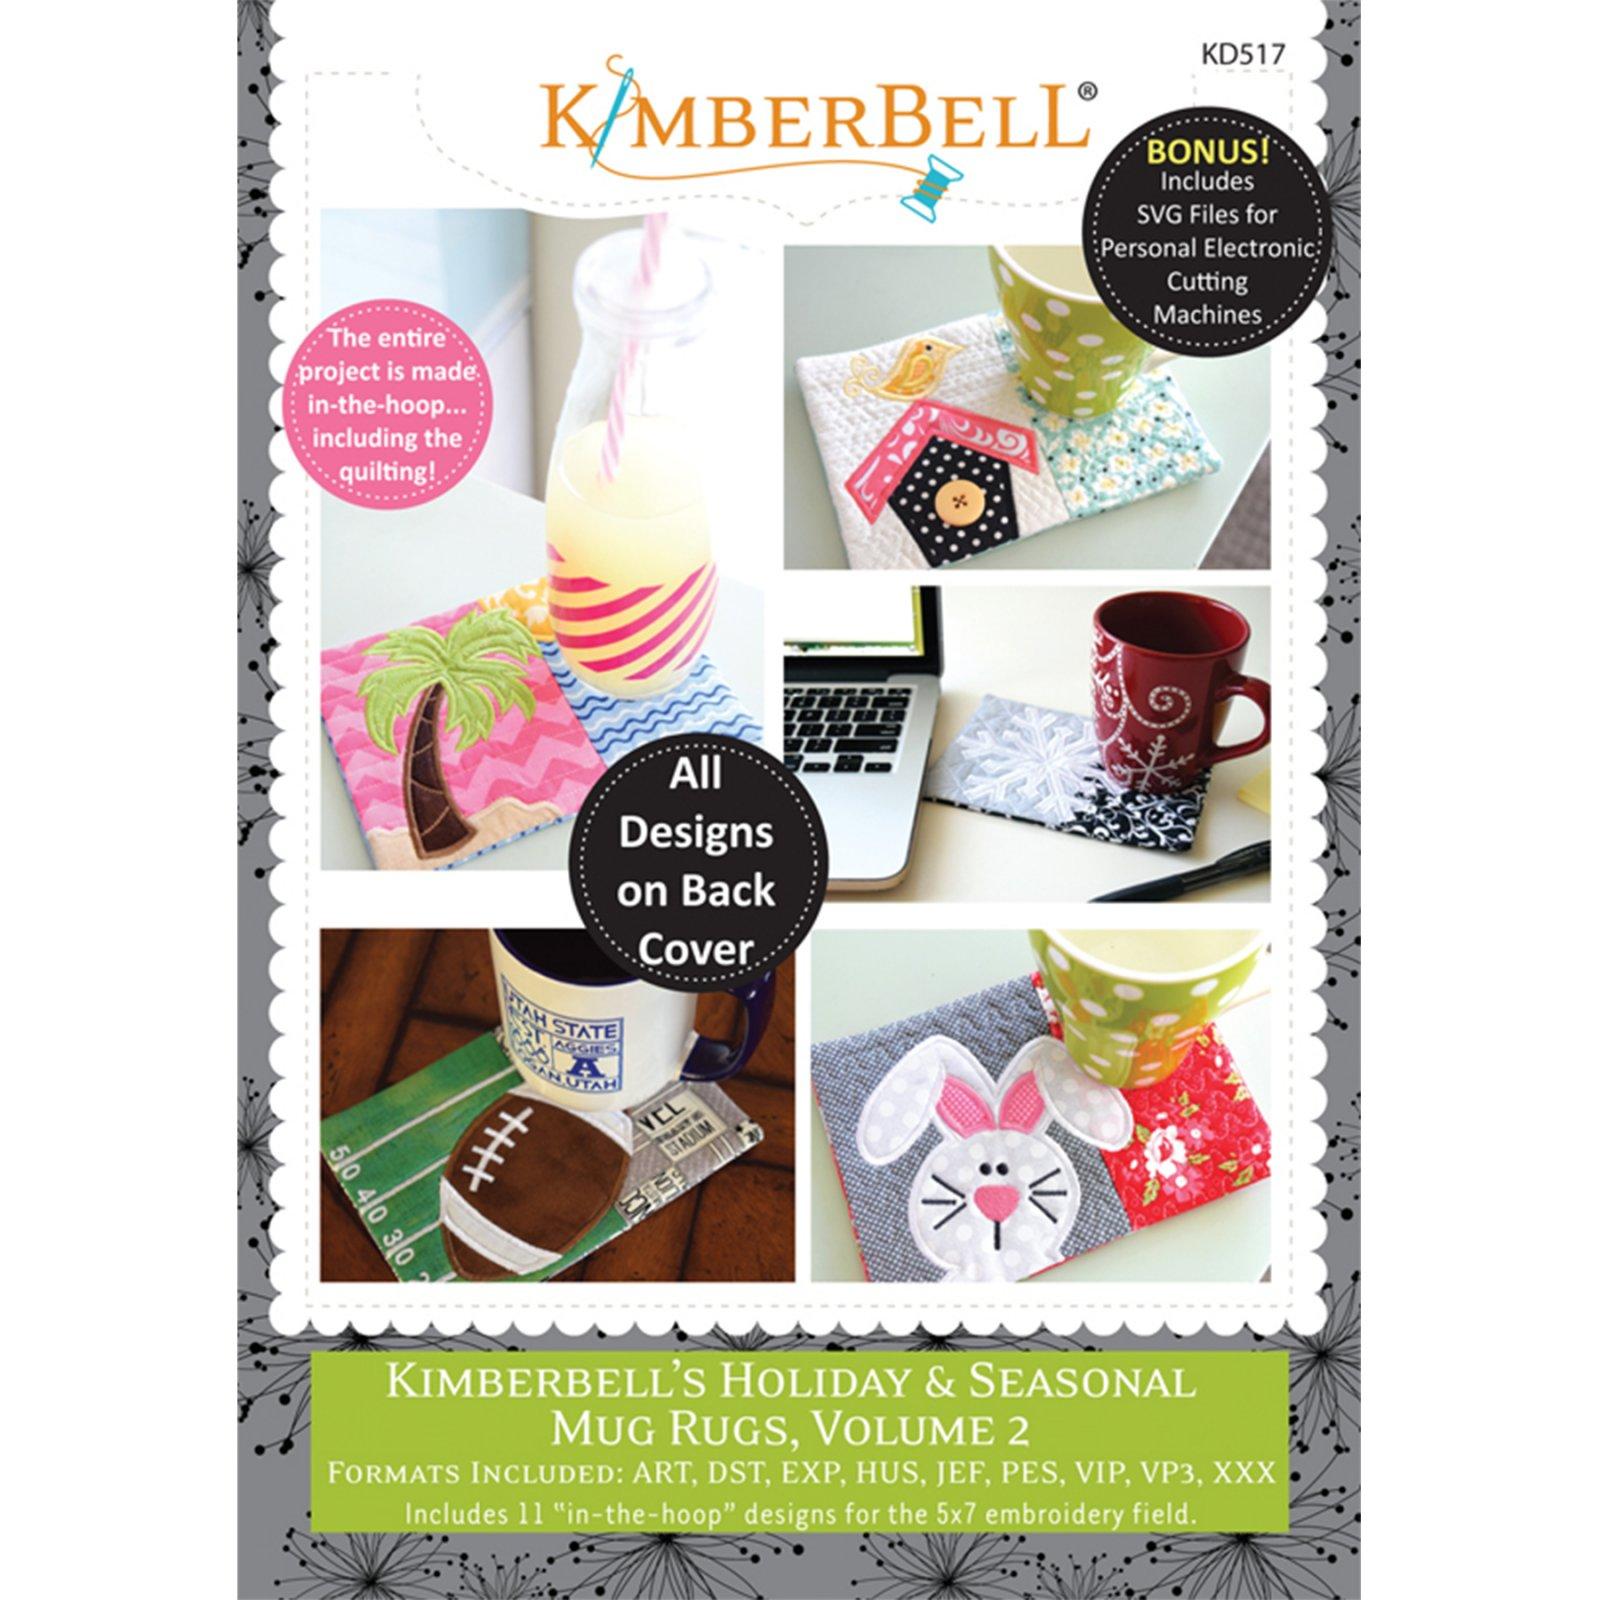 Kimberbell Holiday & Seasonal Mug Rugs Volume 2 Embroidery CD